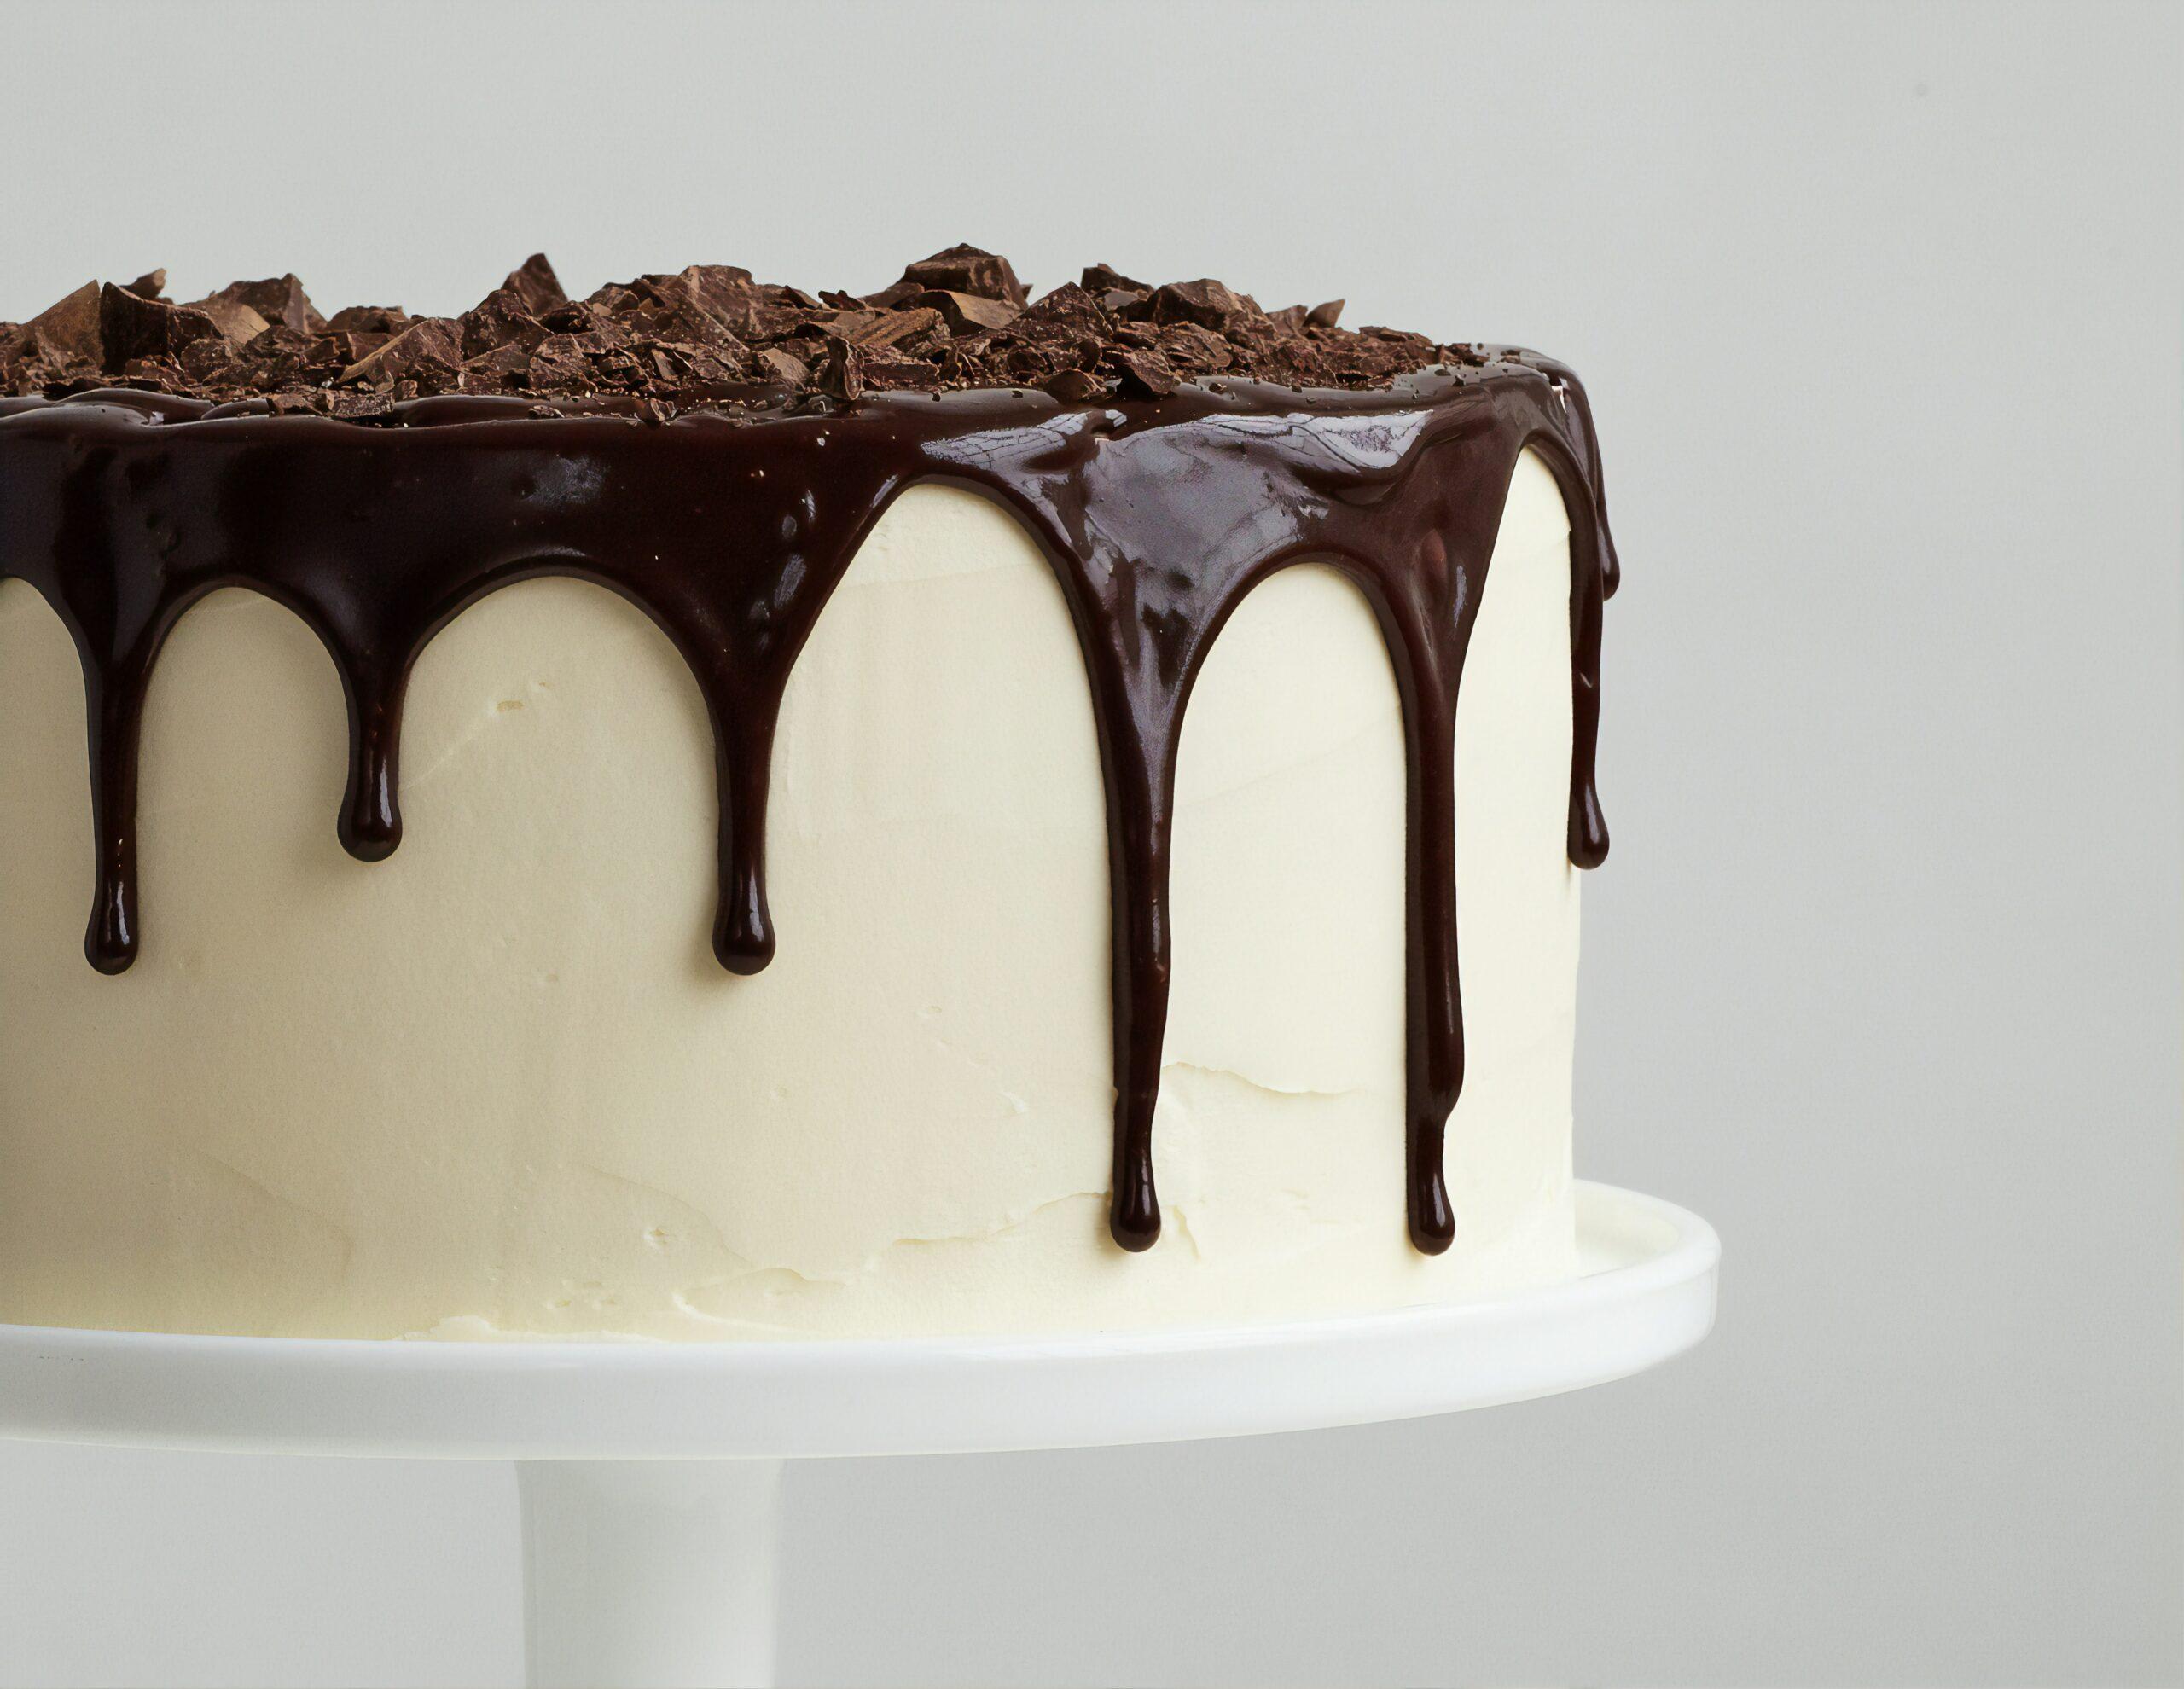 Tutta colpa della torta al cioccolato